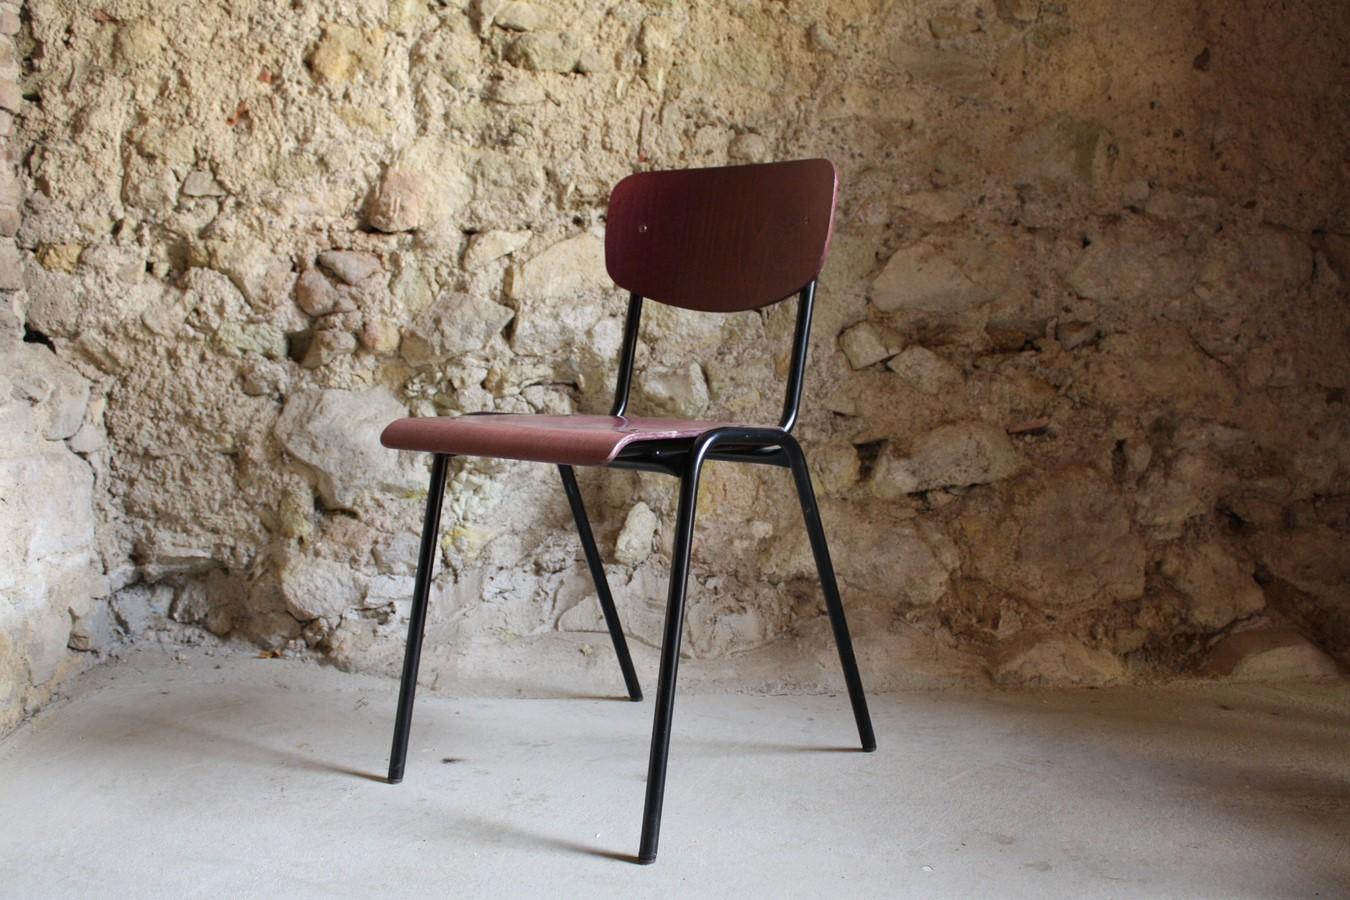 schulstuhle-schule-vintage-gebraucht-stahlrohr-holz-stuhl-1